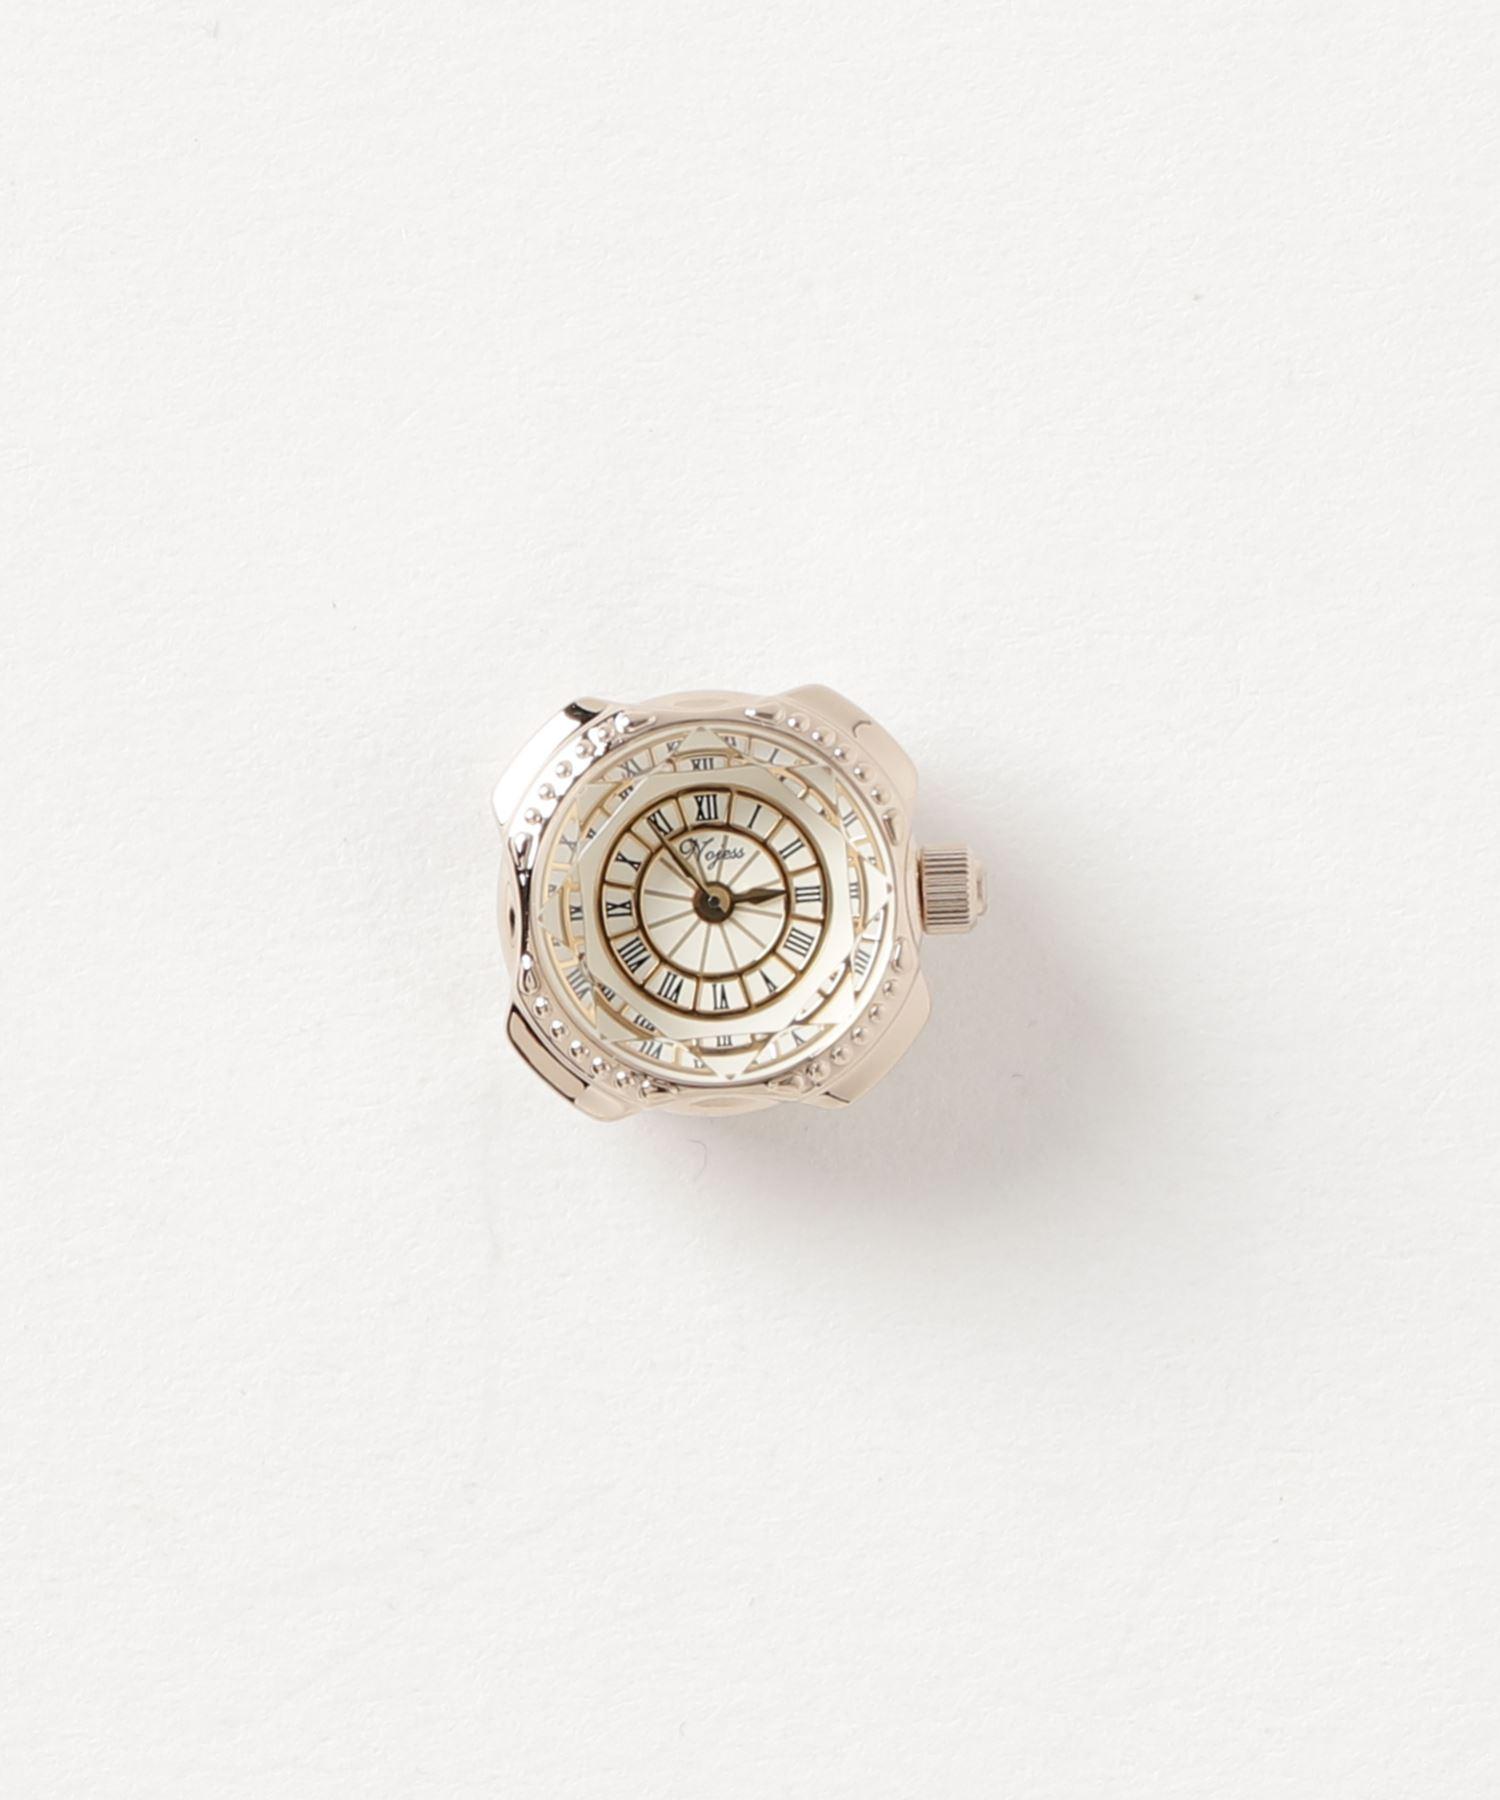 【6mm用】スクエアフェイスウォッチ(WH19)